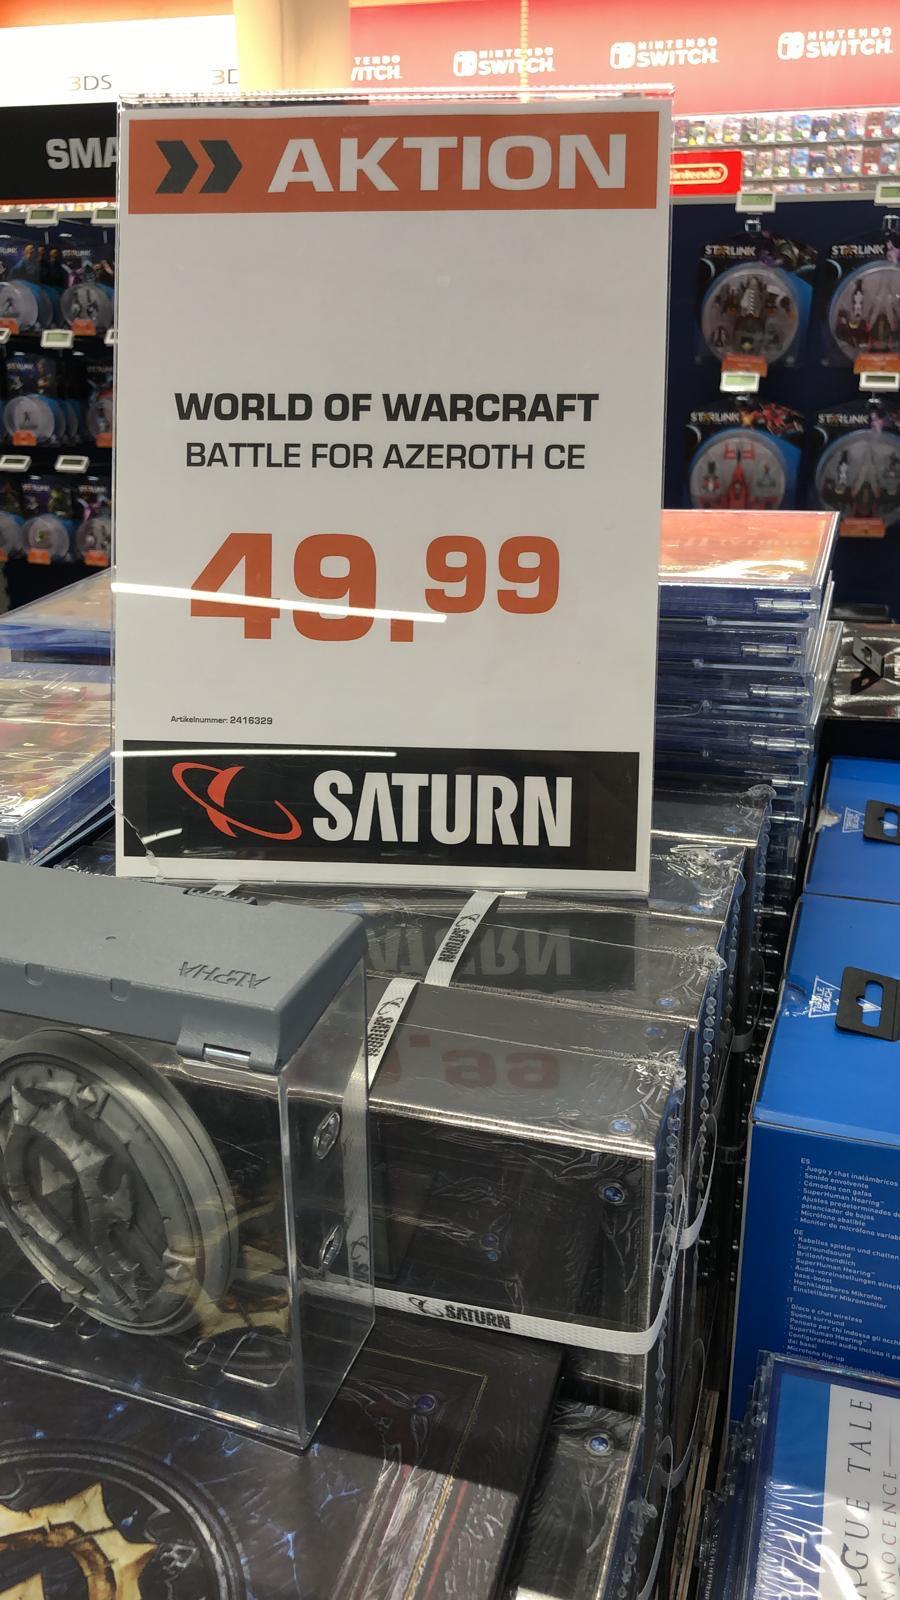 (Lokal Saturn Köln Innenstadt) World of Warcraft: Battle for Azeroth Collector's Edition für 49,99€ statt 99,99€